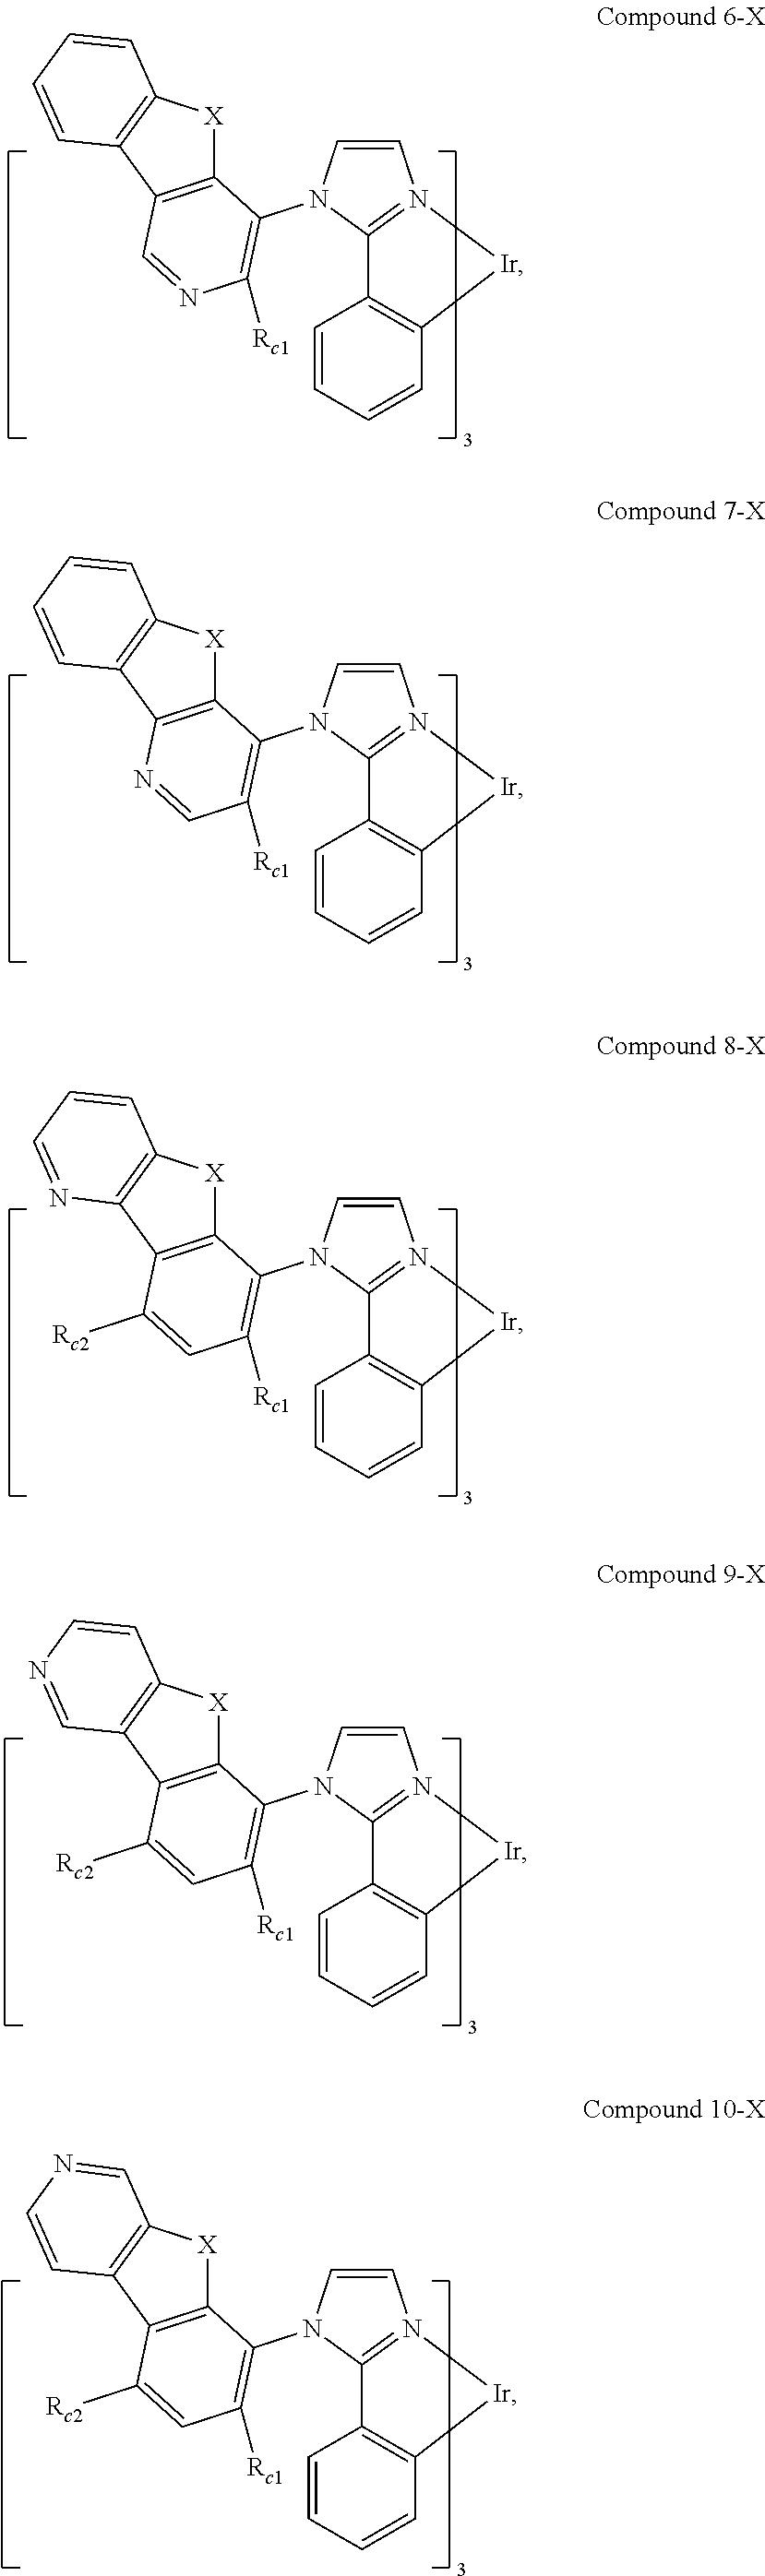 Figure US09978958-20180522-C00007